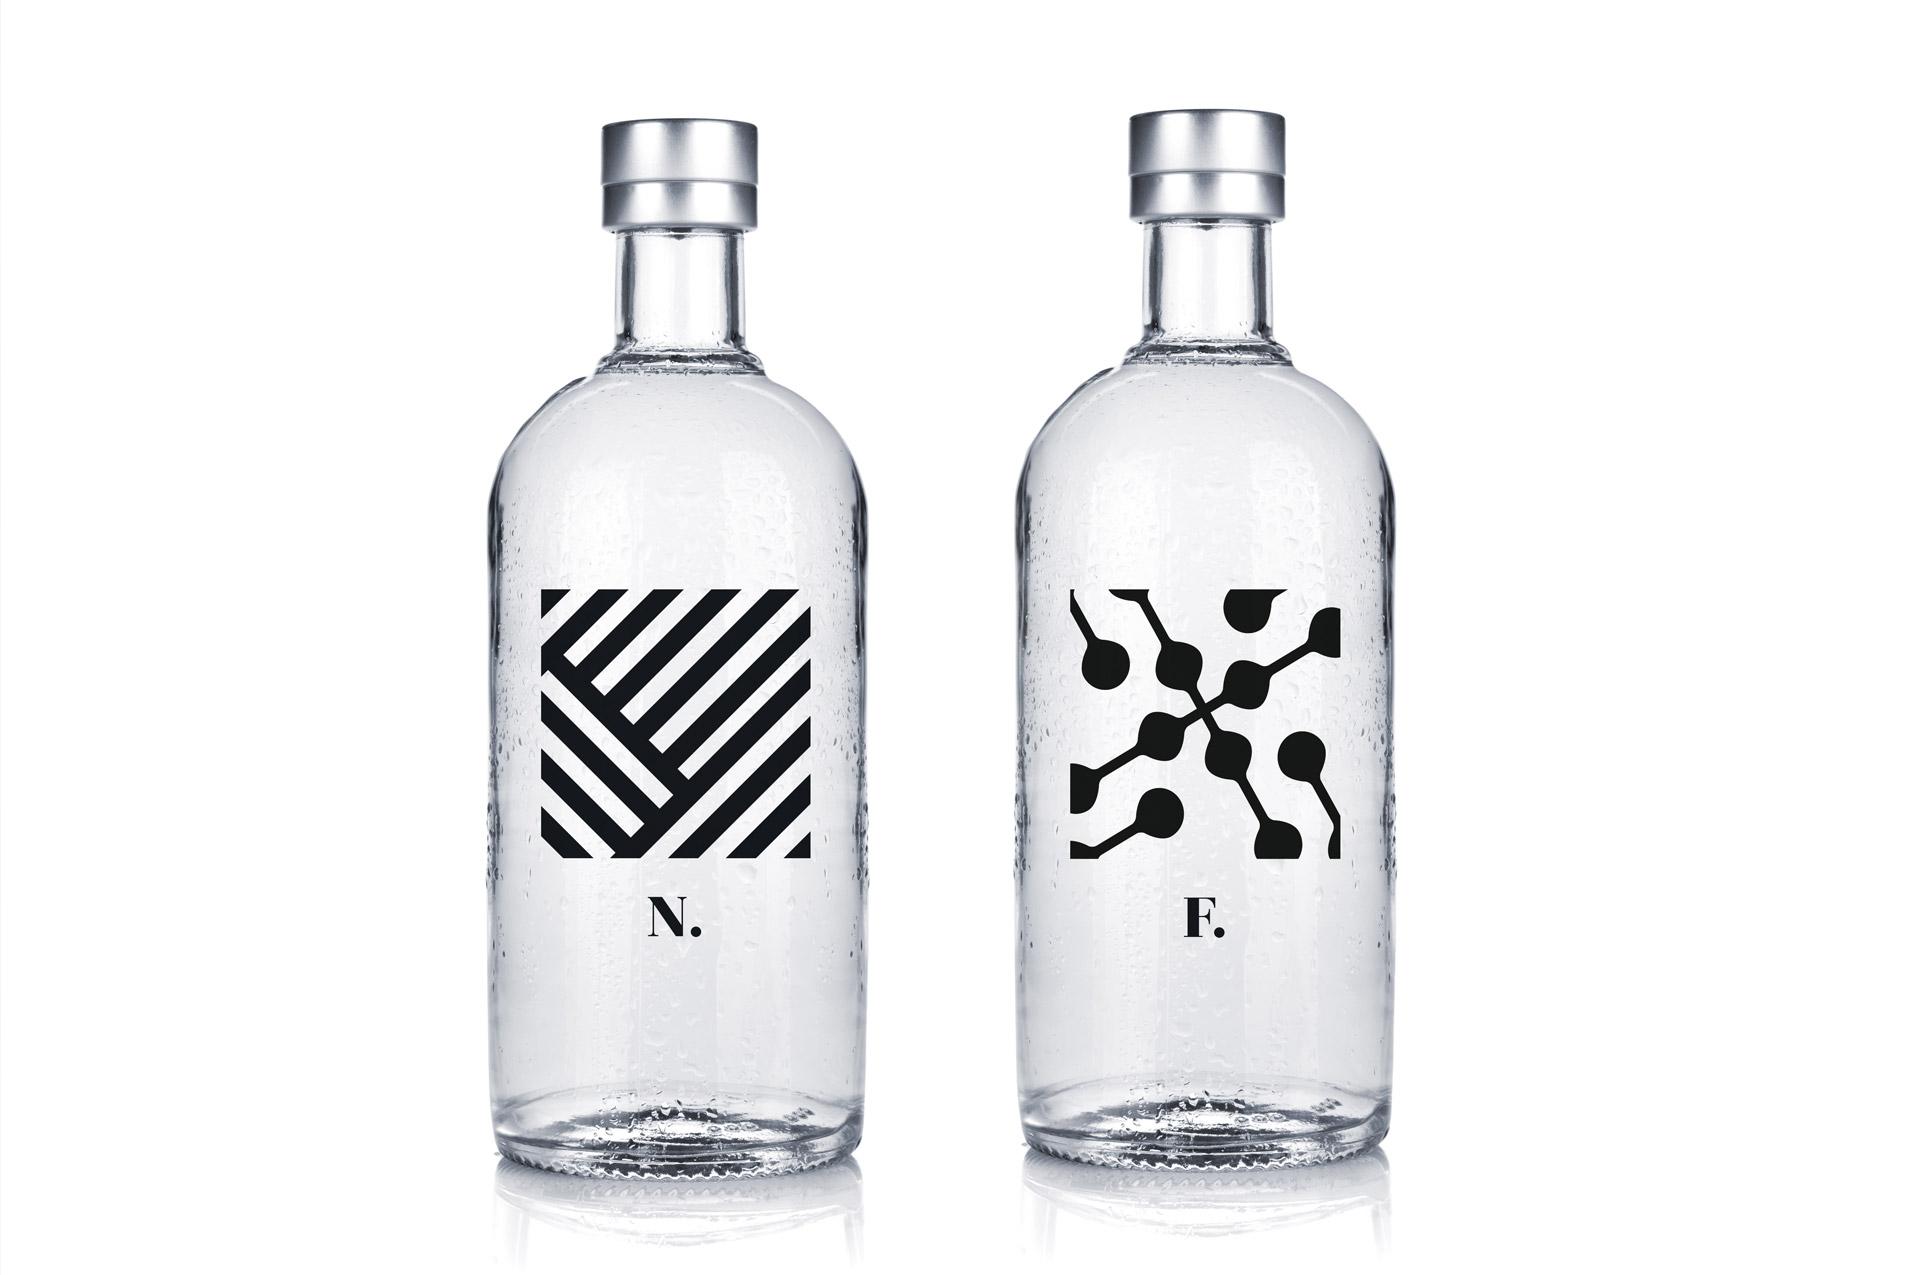 Asse Mavi Bottles Design